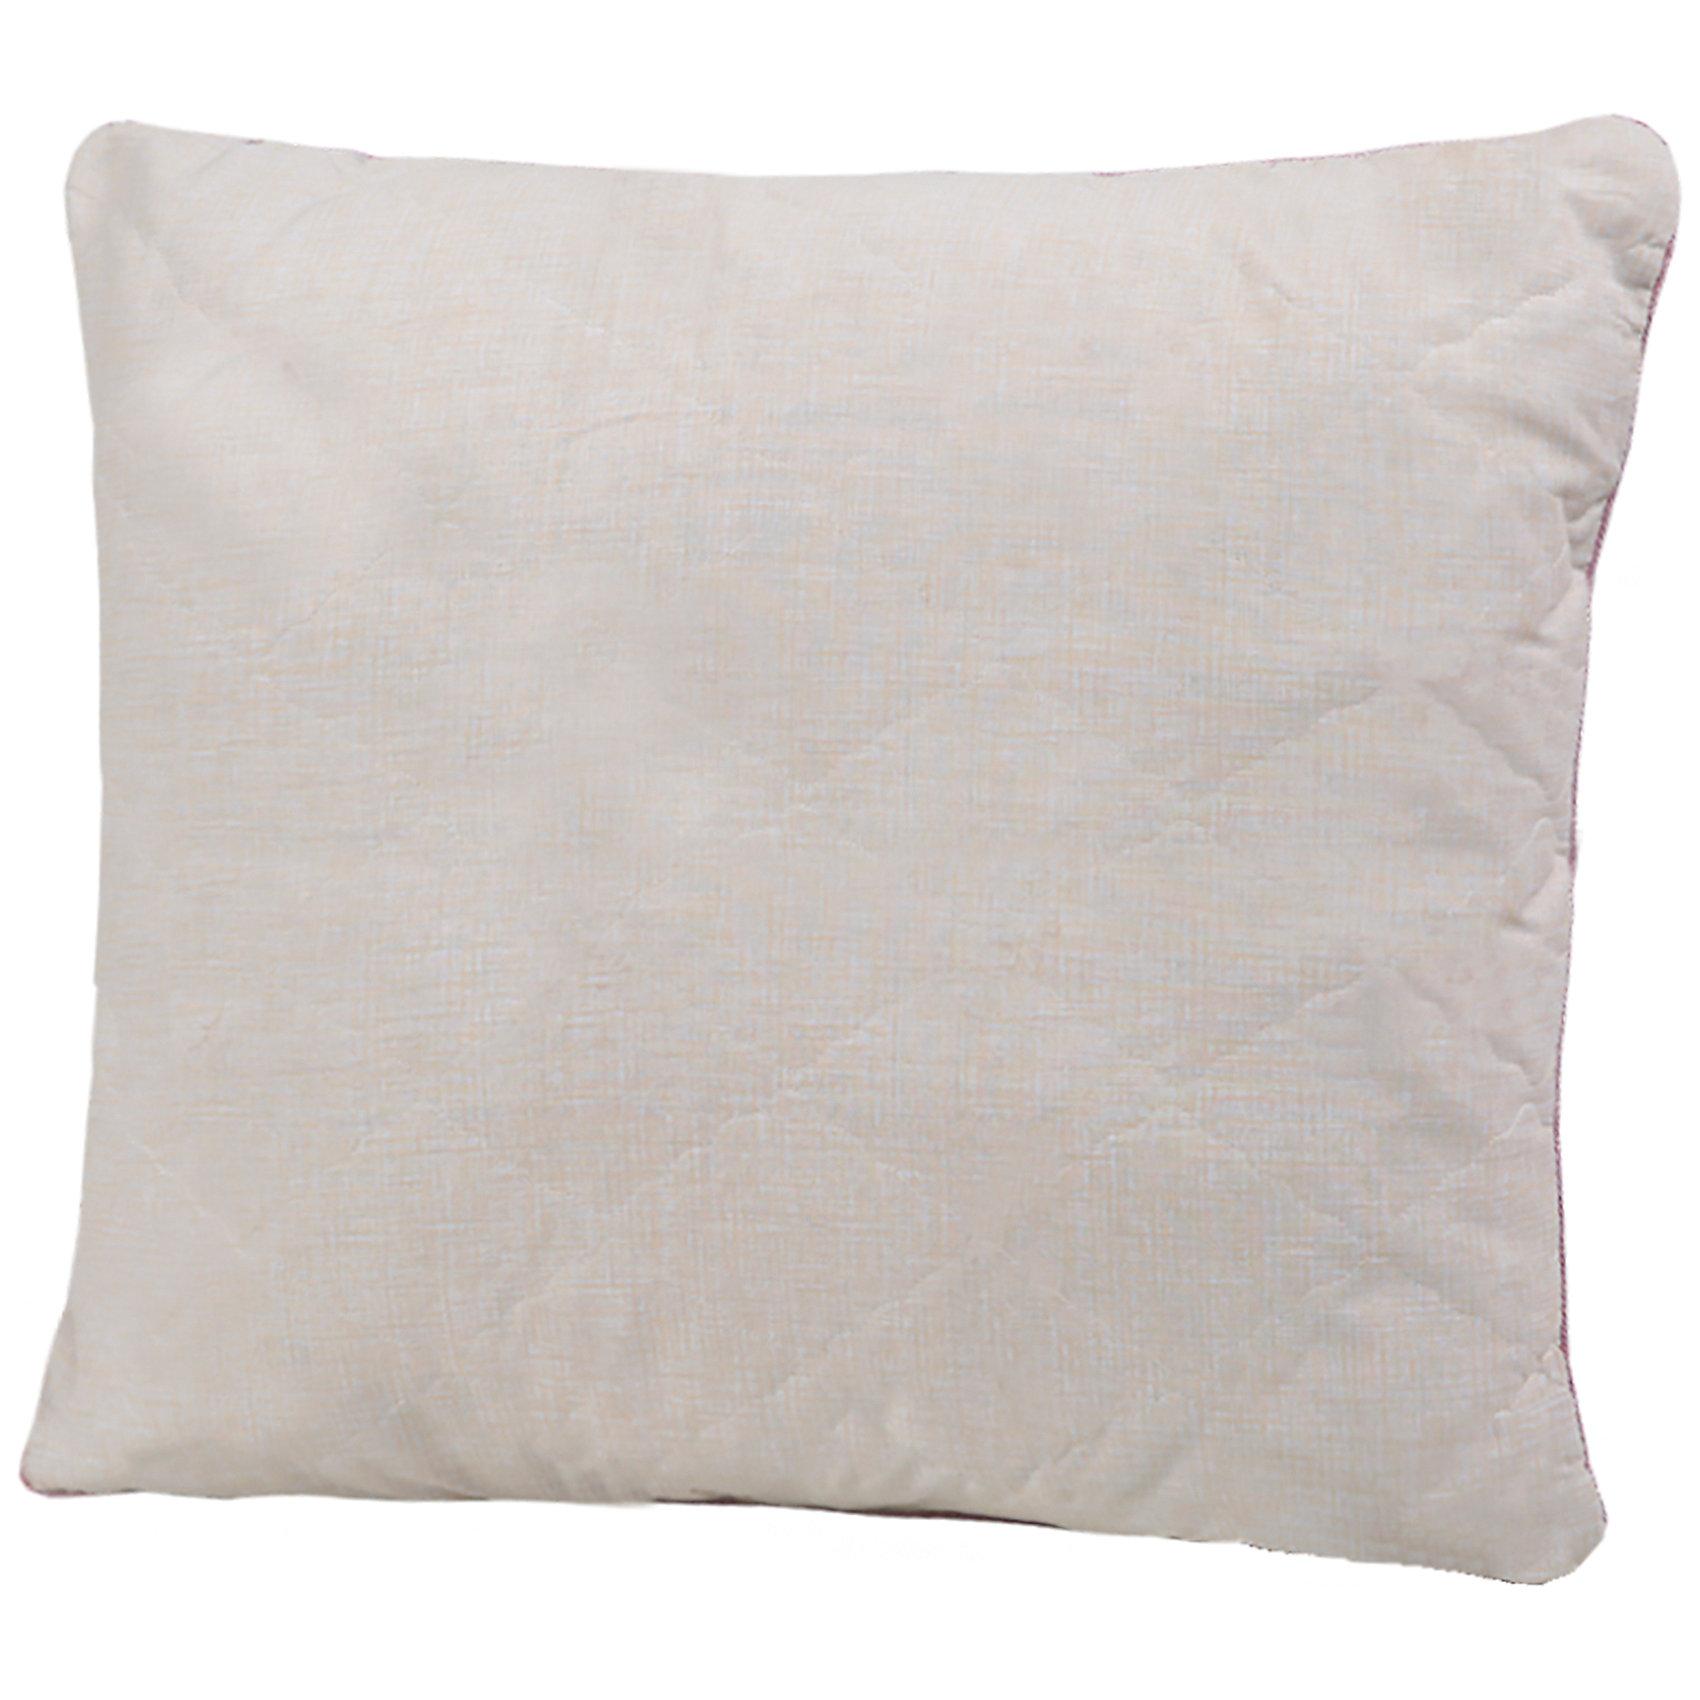 Подушка 70*70 с льняным волокном, Mona LizaДомашний текстиль<br>Характеристики:<br><br>• размер: 70х70 см<br>• стеганый чехол: термополотно (30% лён, 70% полиэстер)<br>• наполнитель: льняное волокно (100% полиэстер)<br>• размер упаковки: 70х20х70 см<br>• вес: 1300 грамм<br><br>Подушка с наполнителем из льняного волокна отличается высокой гигроскопичностью и устойчивостью к впитыванию неприятных запахов. Лён не сбивается в комки, не вызывает аллергии и является природным антистатиком. Подушку можно стирать в стиральной машине, после чего она сохраняет все свои свойства. Чехол подушки из льна и полиэстера обладает приятной мягкостью. Подушка хорошо поддерживает шею и голову во время отдыха.<br><br>Подушку 70*70 с льняным волокном, Mona Liza (Мона Лиза) вы можете купить в нашем интернет-магазине.<br><br>Ширина мм: 700<br>Глубина мм: 200<br>Высота мм: 700<br>Вес г: 1300<br>Возраст от месяцев: 84<br>Возраст до месяцев: 600<br>Пол: Унисекс<br>Возраст: Детский<br>SKU: 6765300